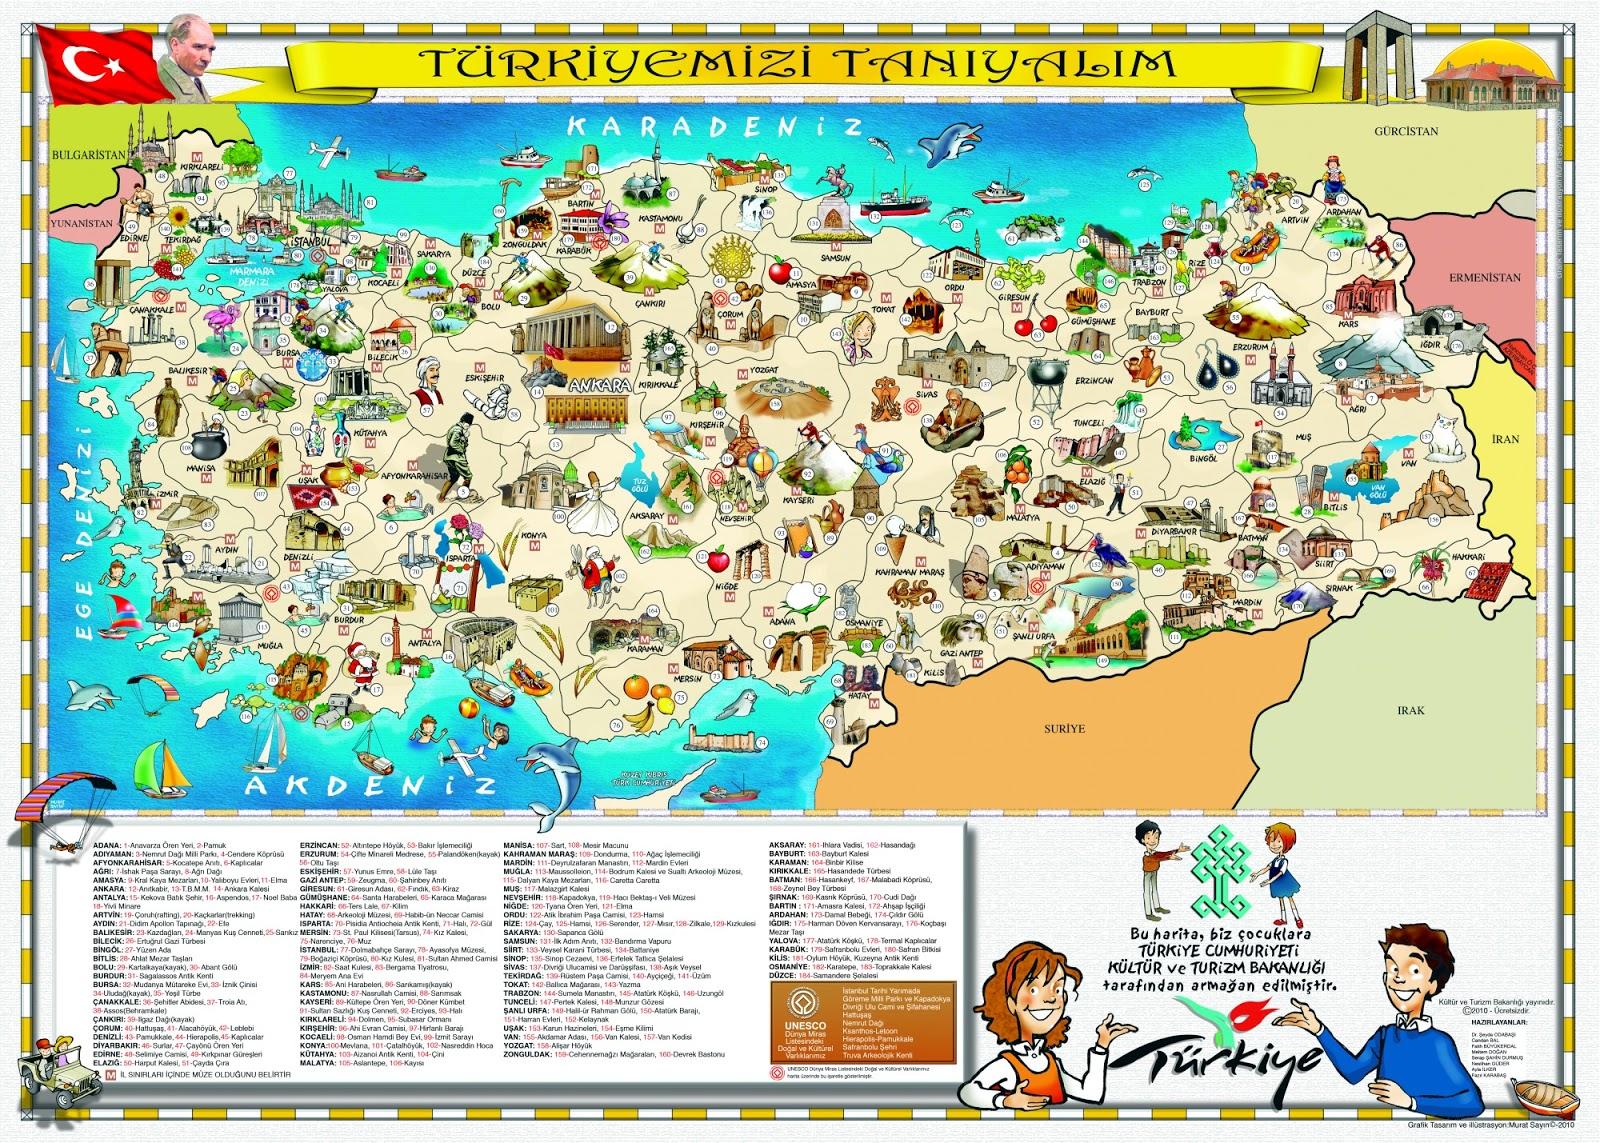 Turizm ve kültür haritası türkiye turizm ve kültür haritası